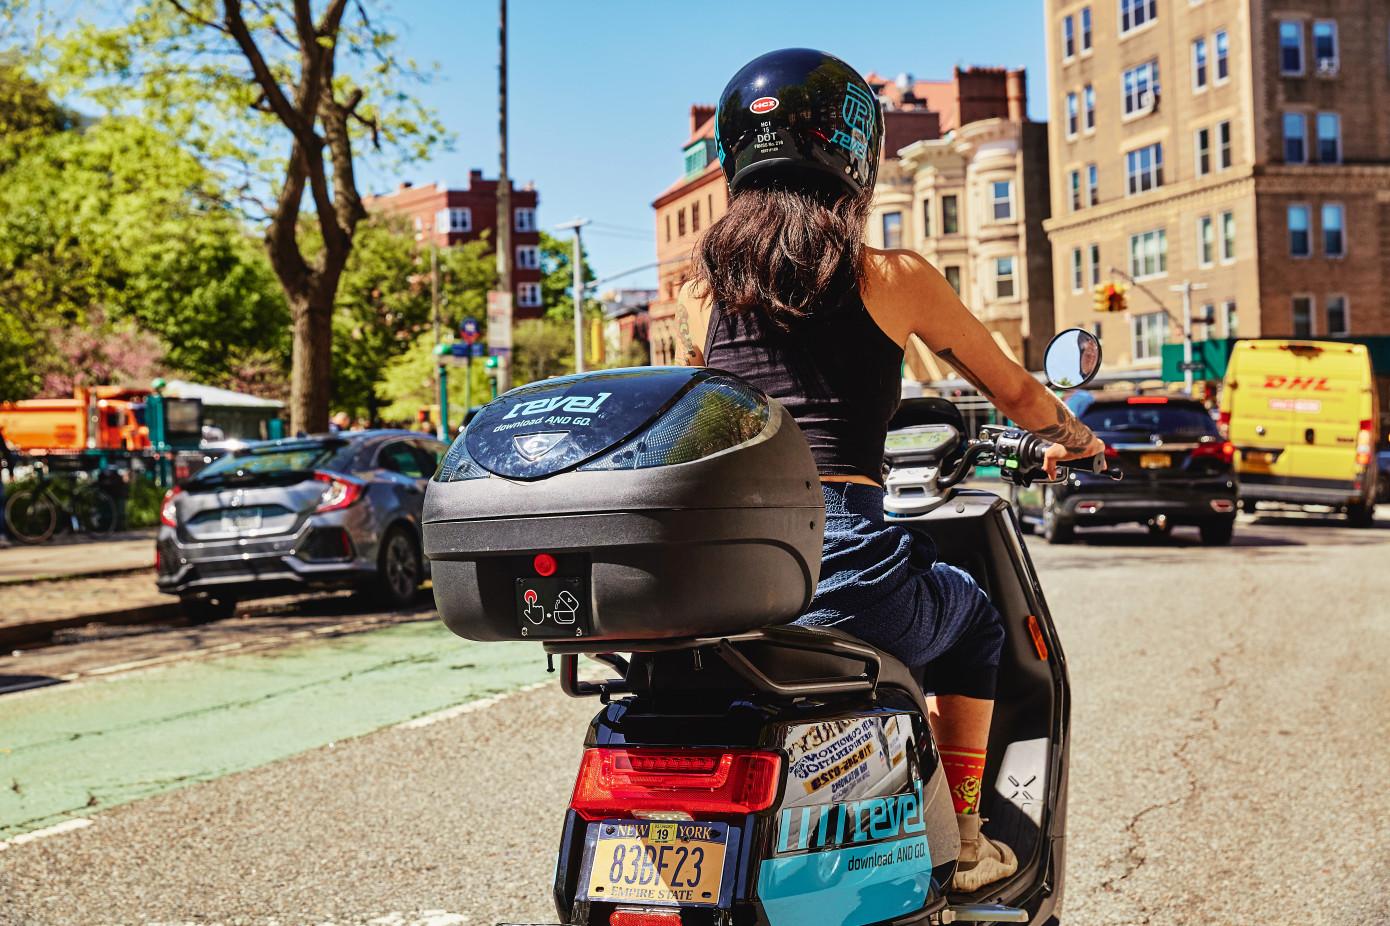 风险投资公司Maniv Mobility从汽车制造商和供应商处筹集了1亿美元